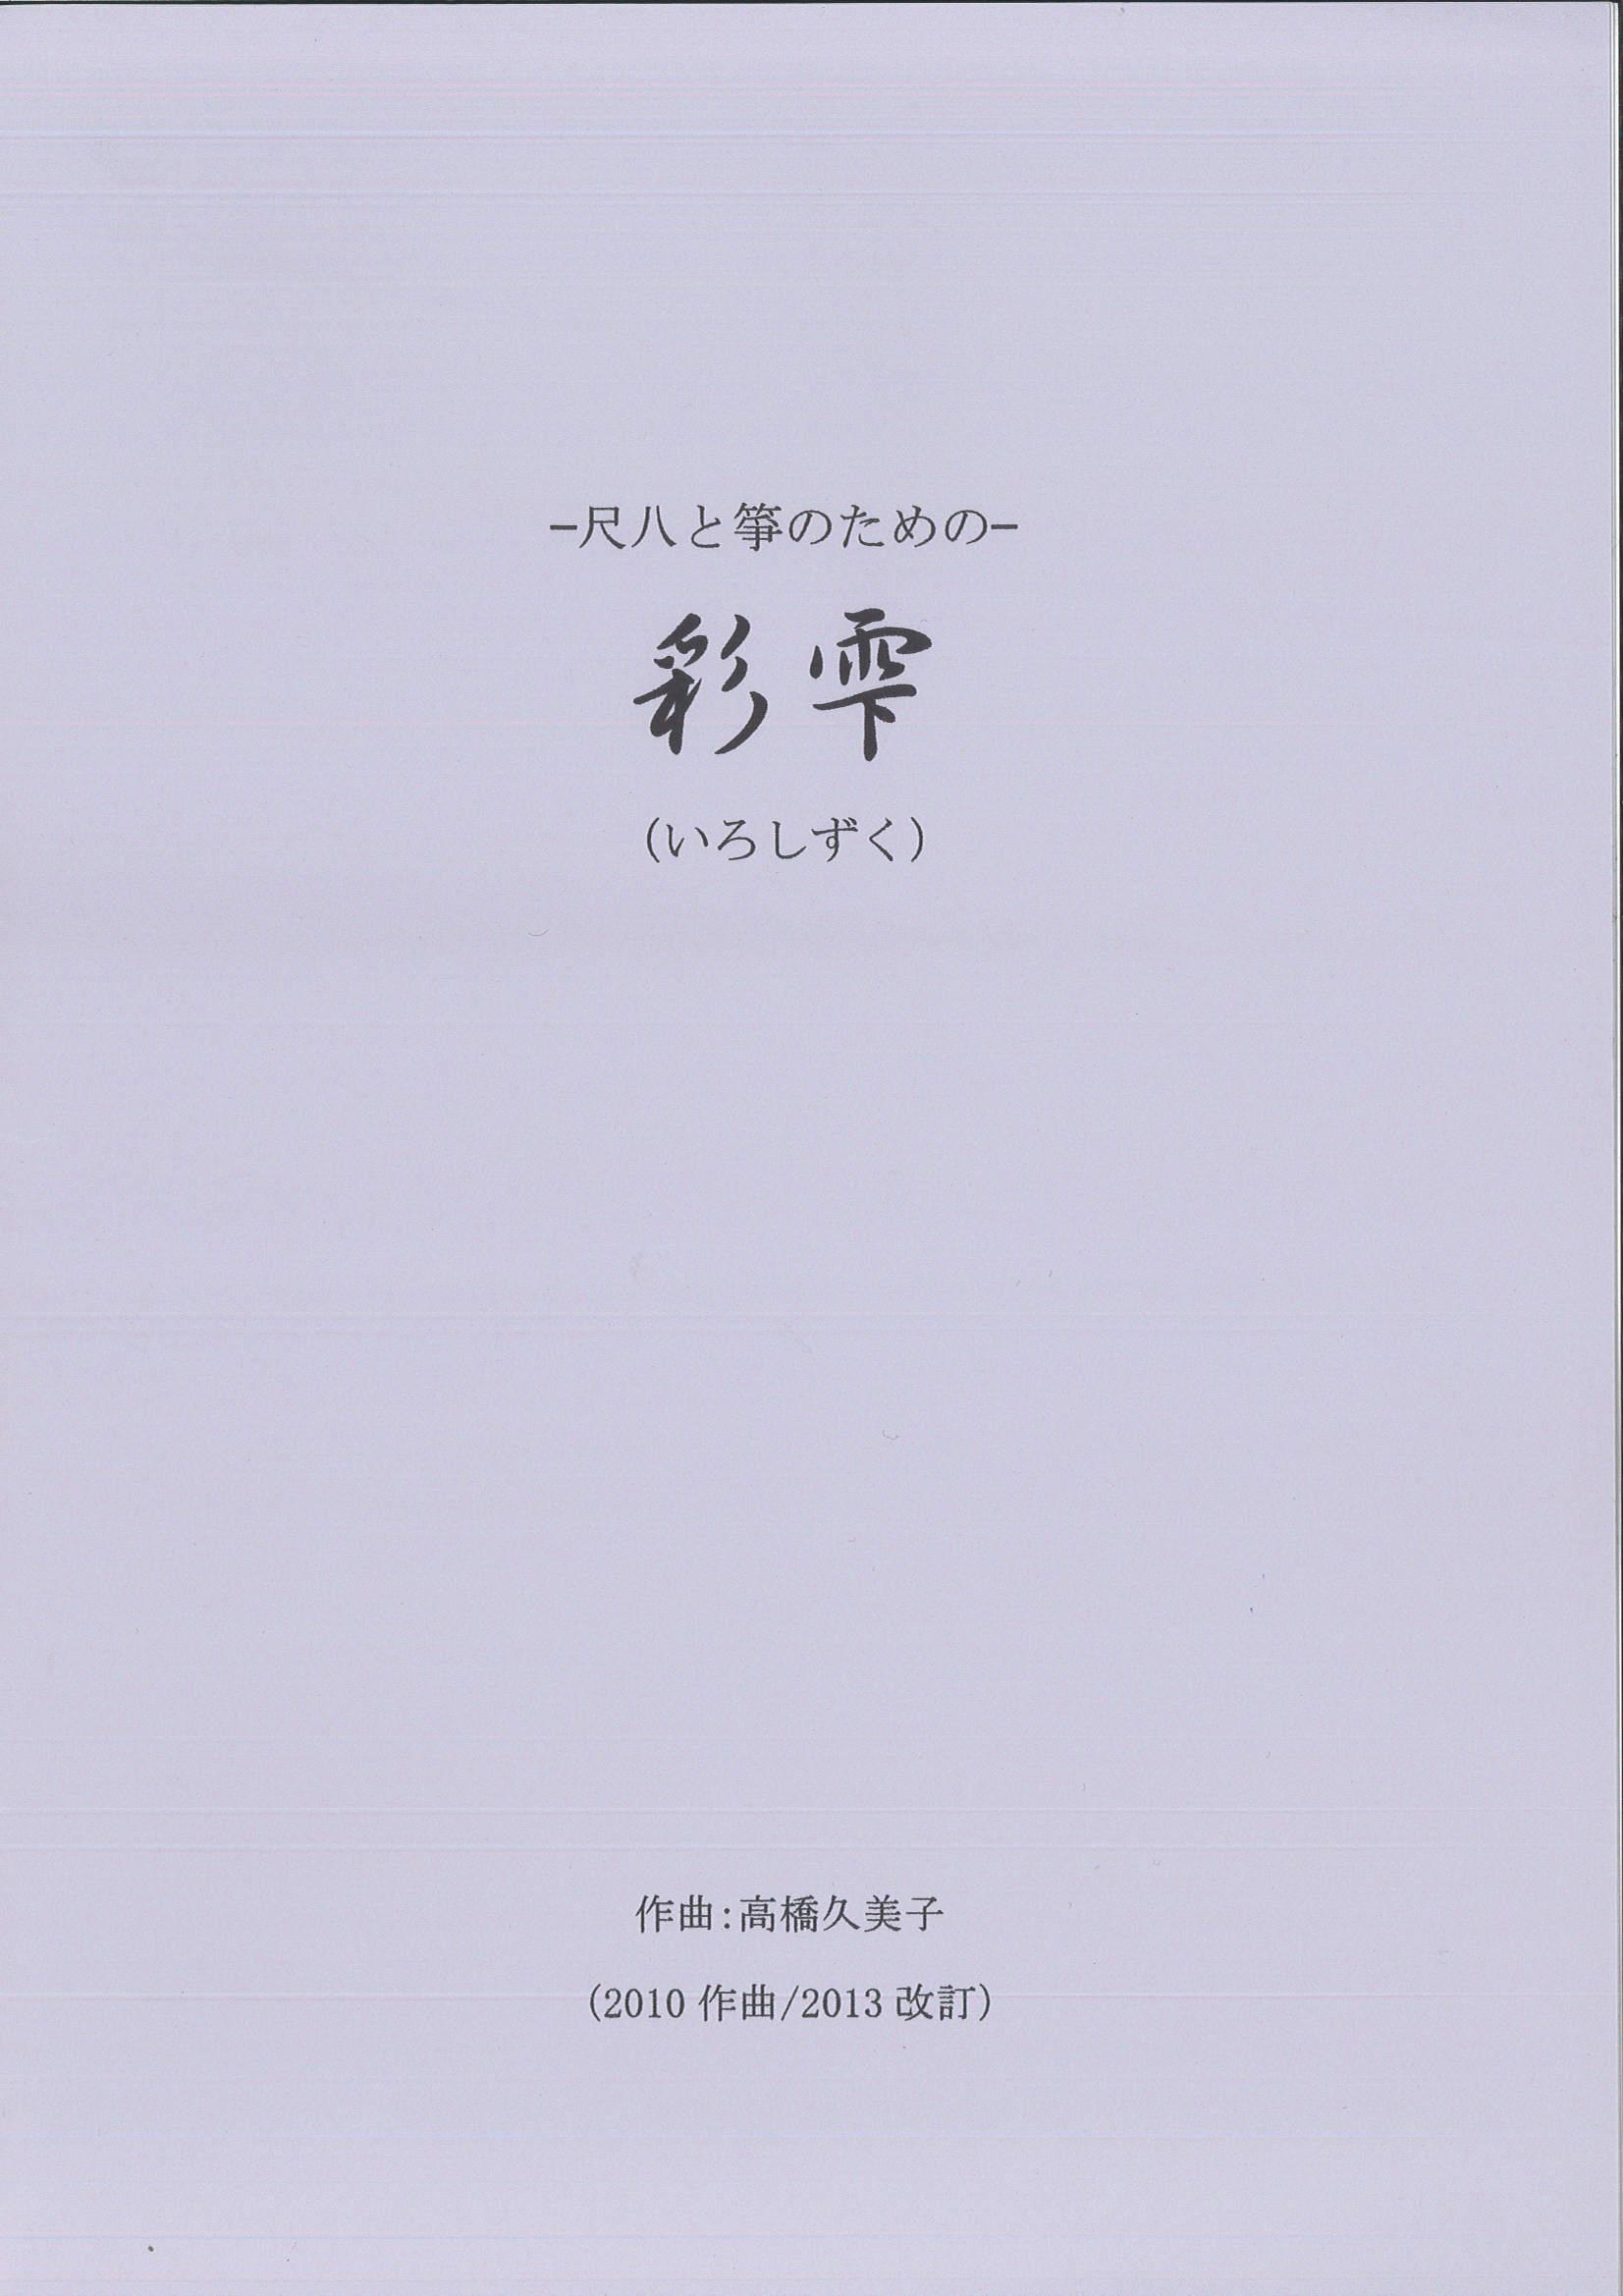 五線譜 尺八と箏のための─彩雫[5629]